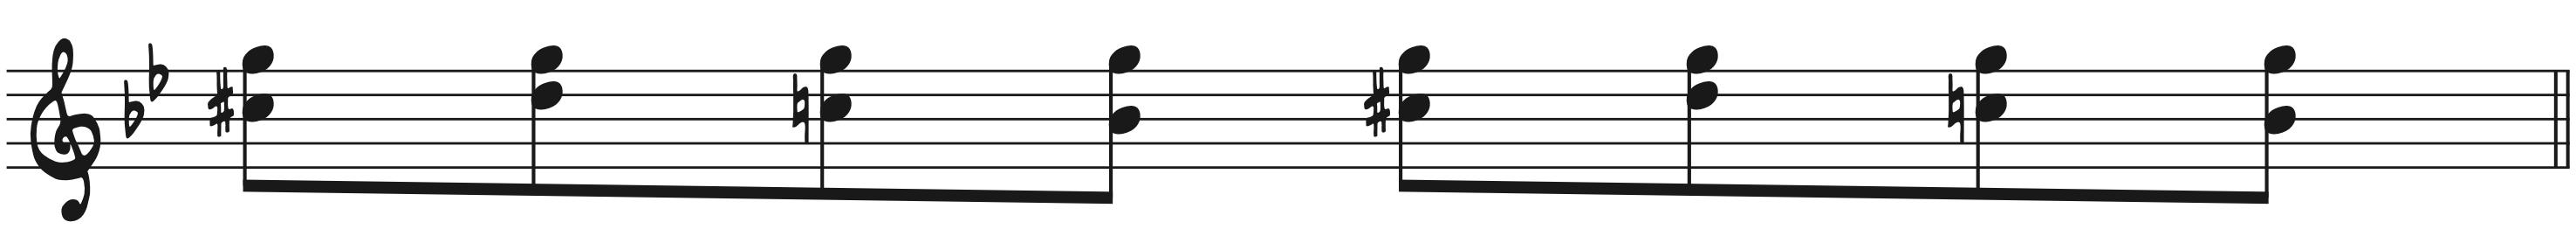 8th Note Rock Piano Improv